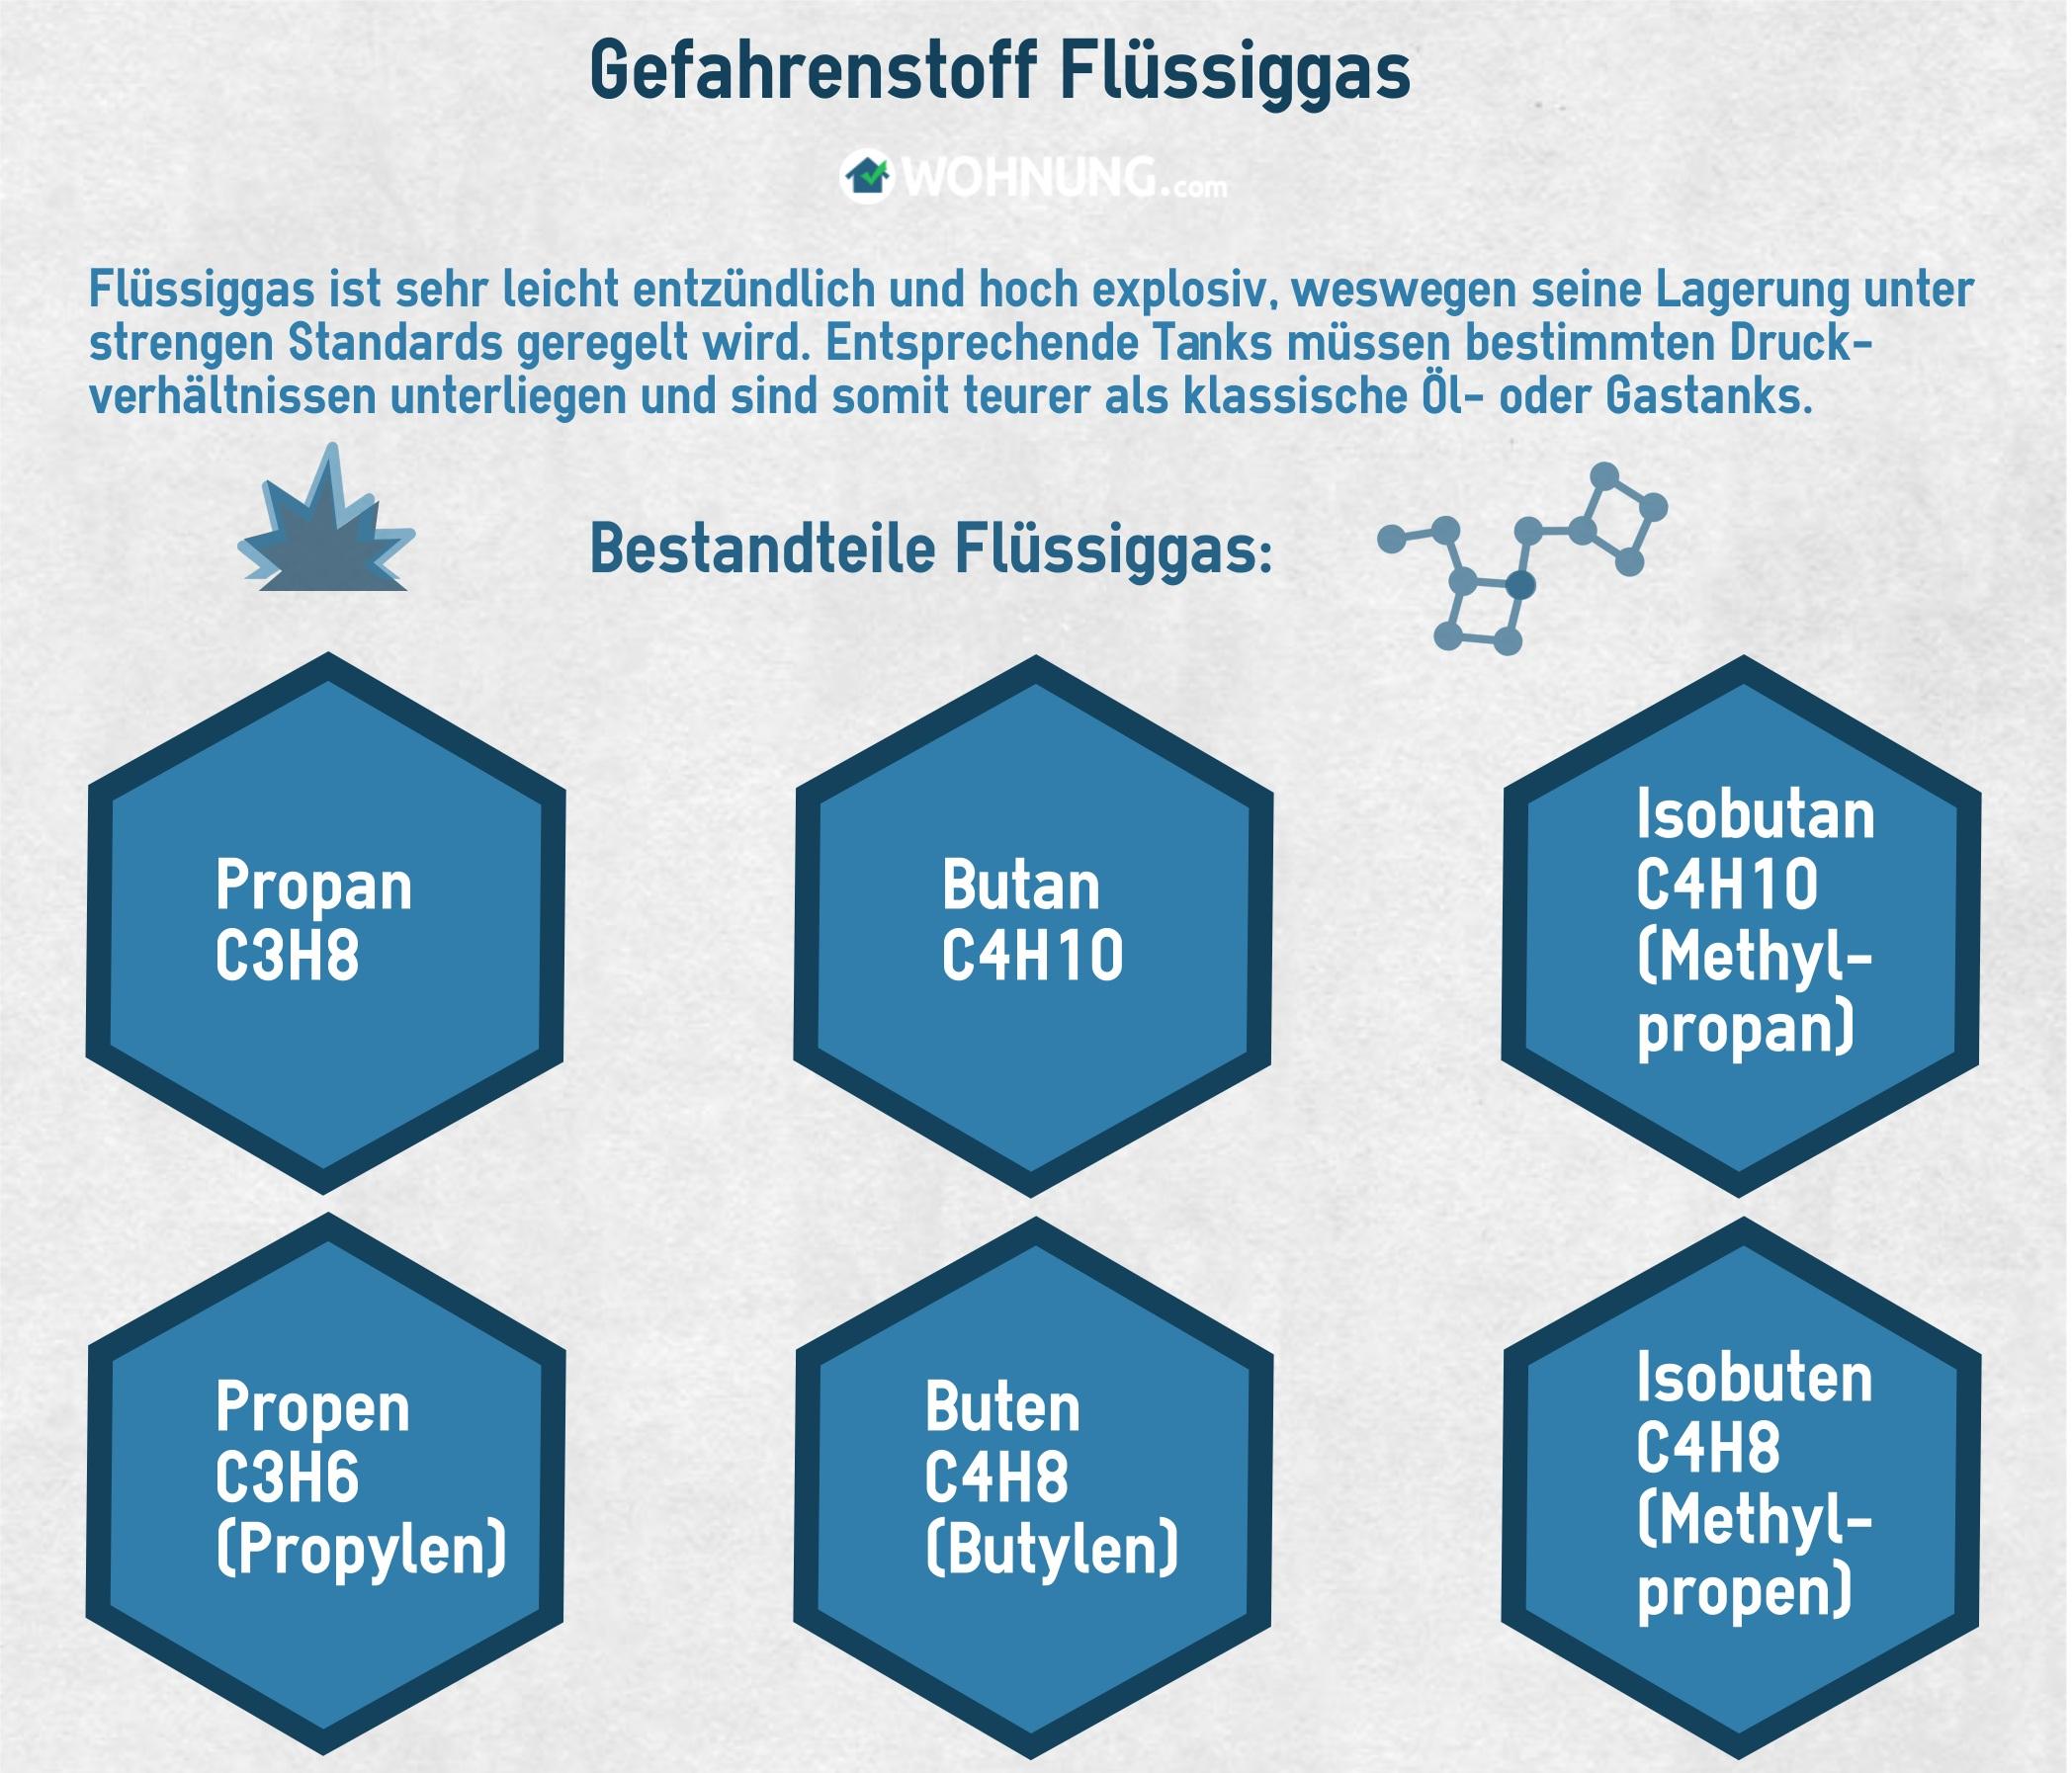 Erdgas oder Flüssiggas - Wohnung.com Ratgeber